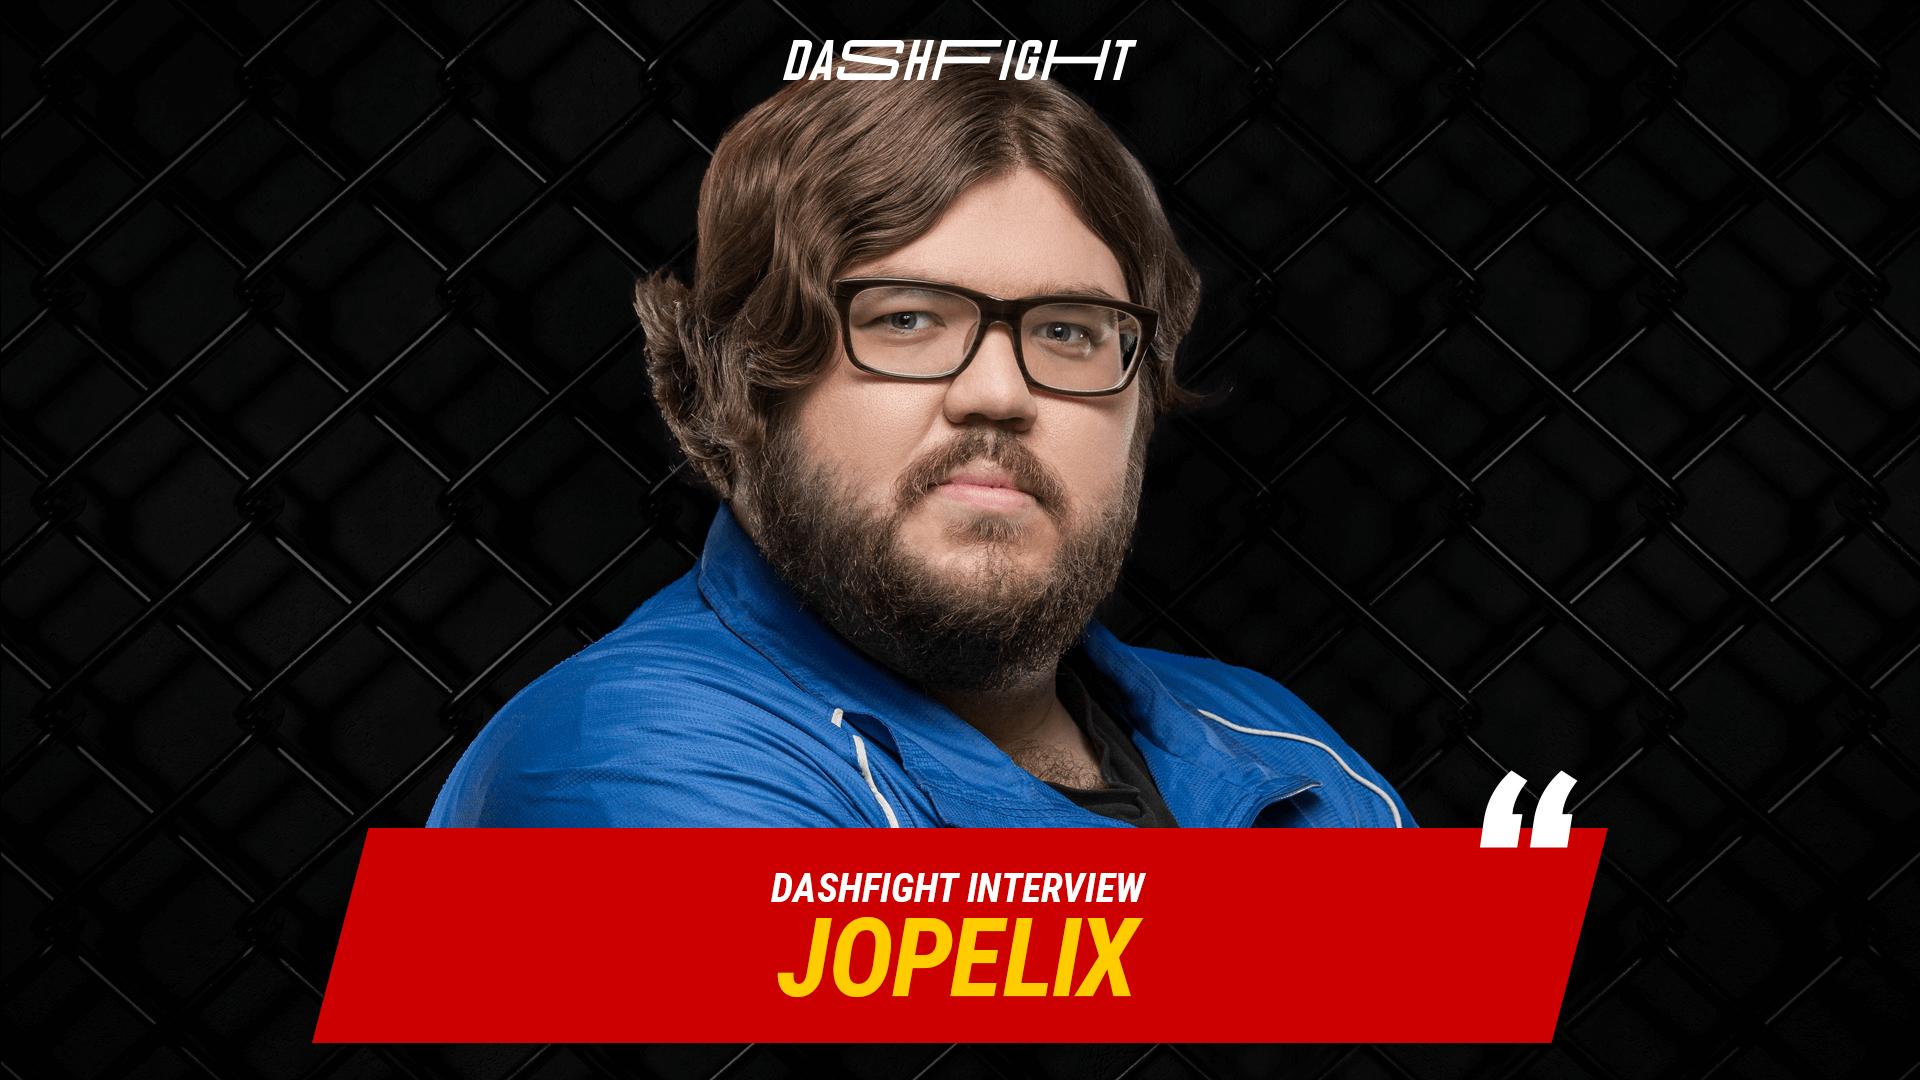 DashFight Video Interview: Jopelix